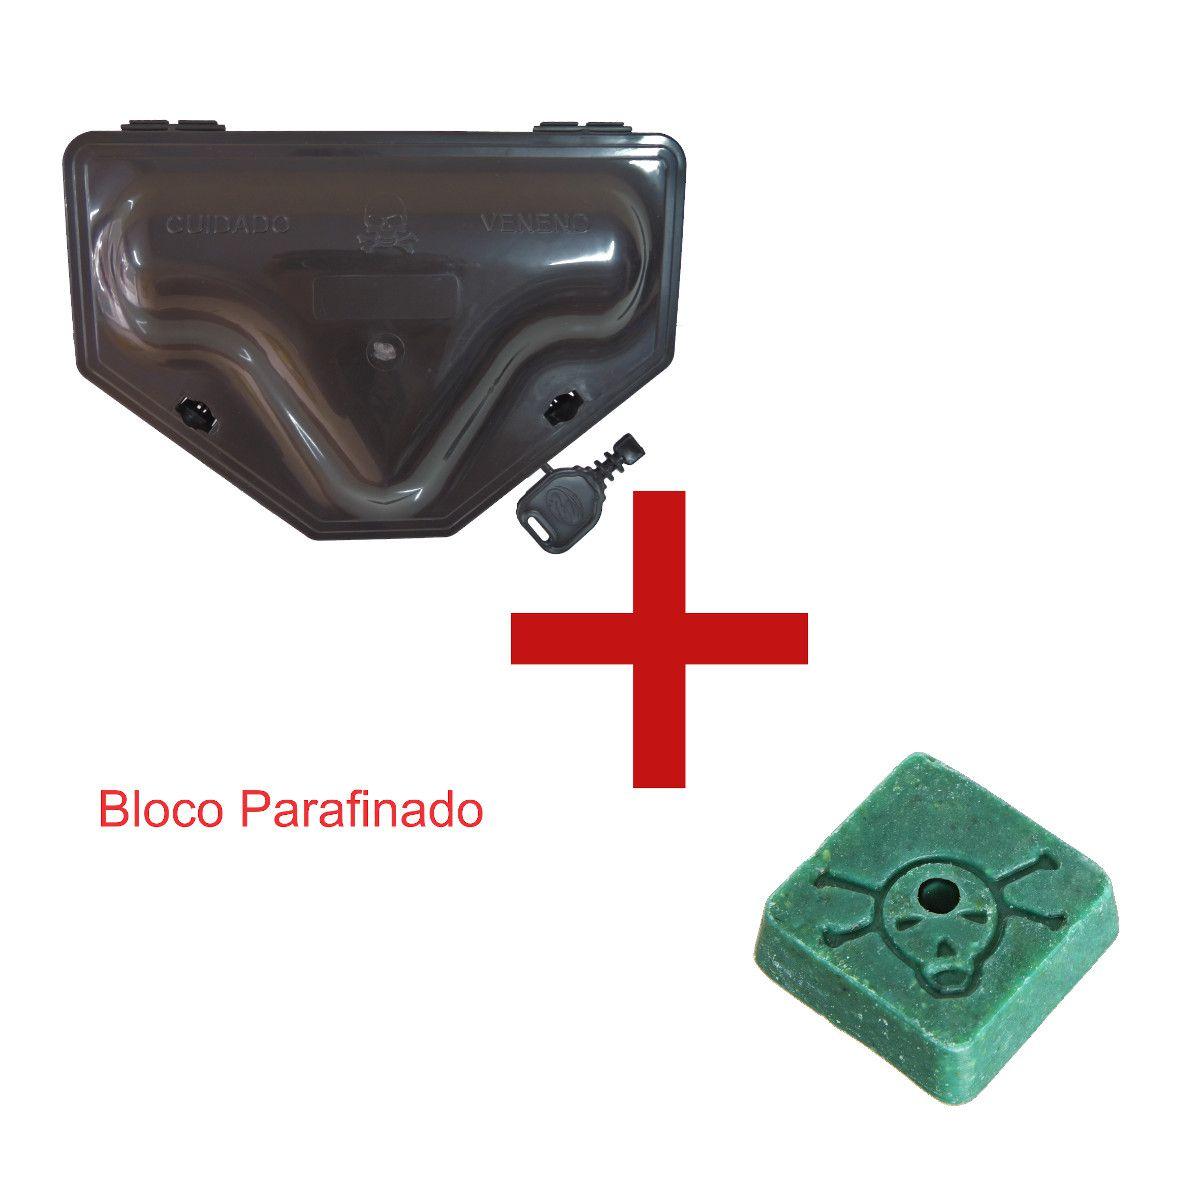 39 Porta Iscas C/ Duplo Travamento + 39 Bloco Parafinado